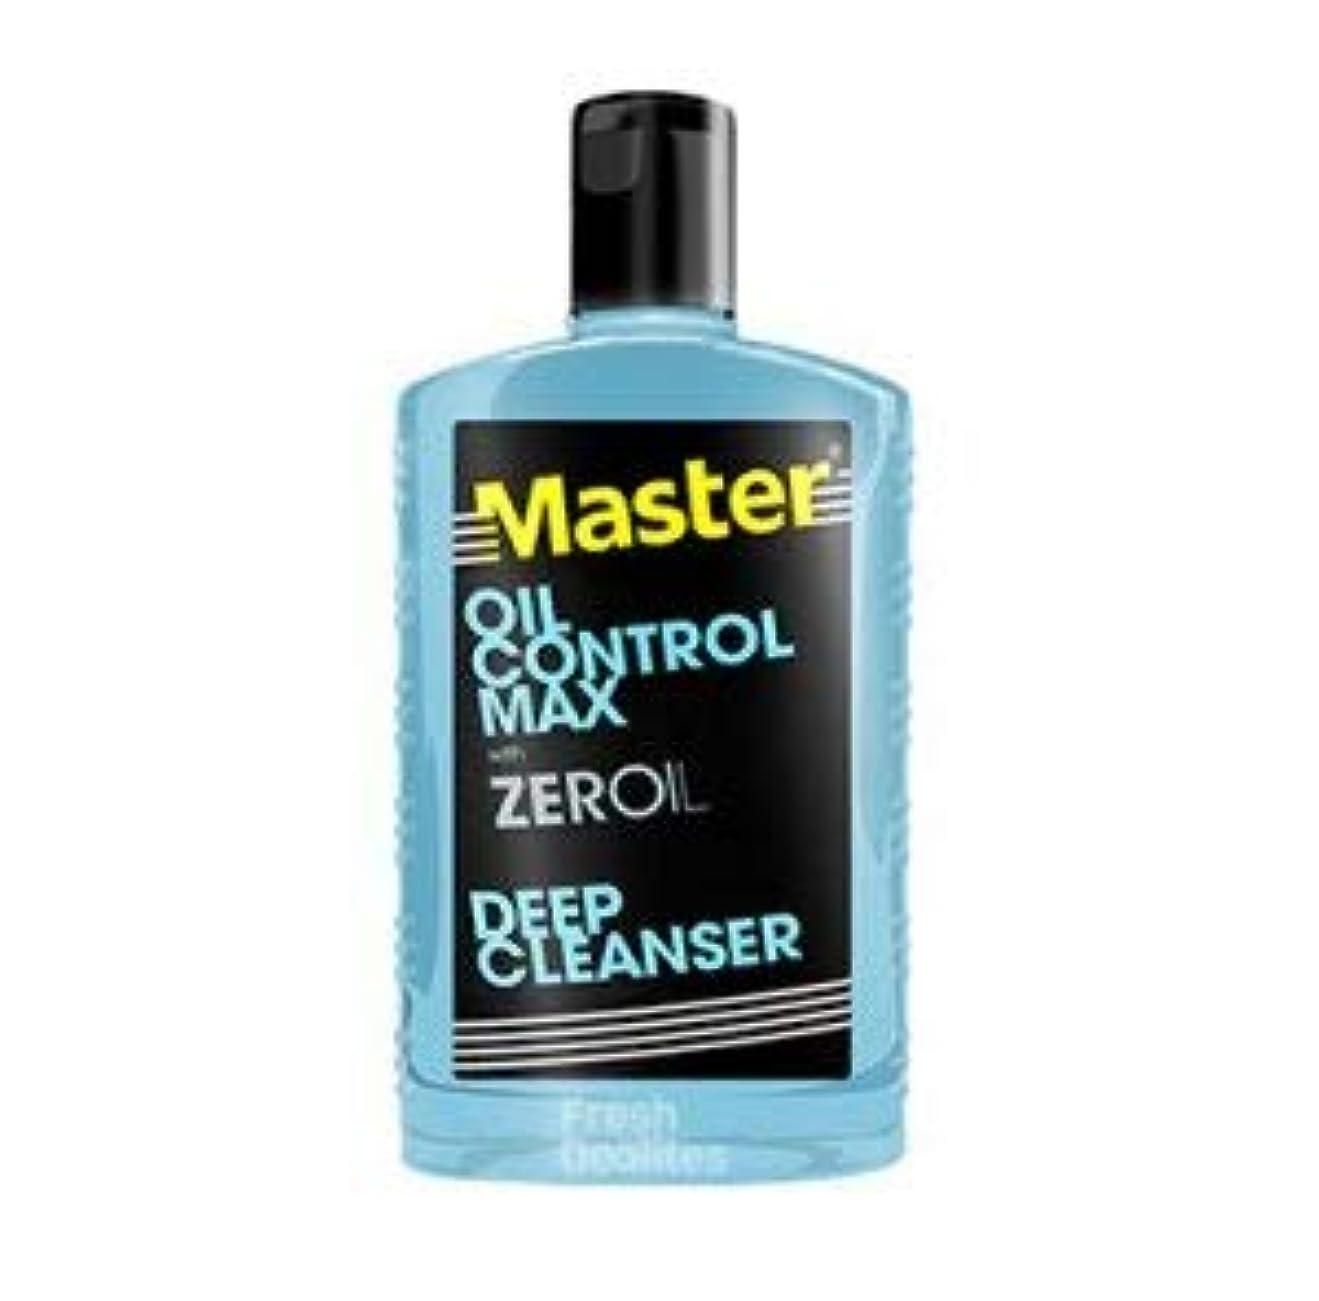 アンソロジー慢性的どういたしましてMaster OIL CONTROL MAX with ZEROIL 135ml【PHILIPPINES】